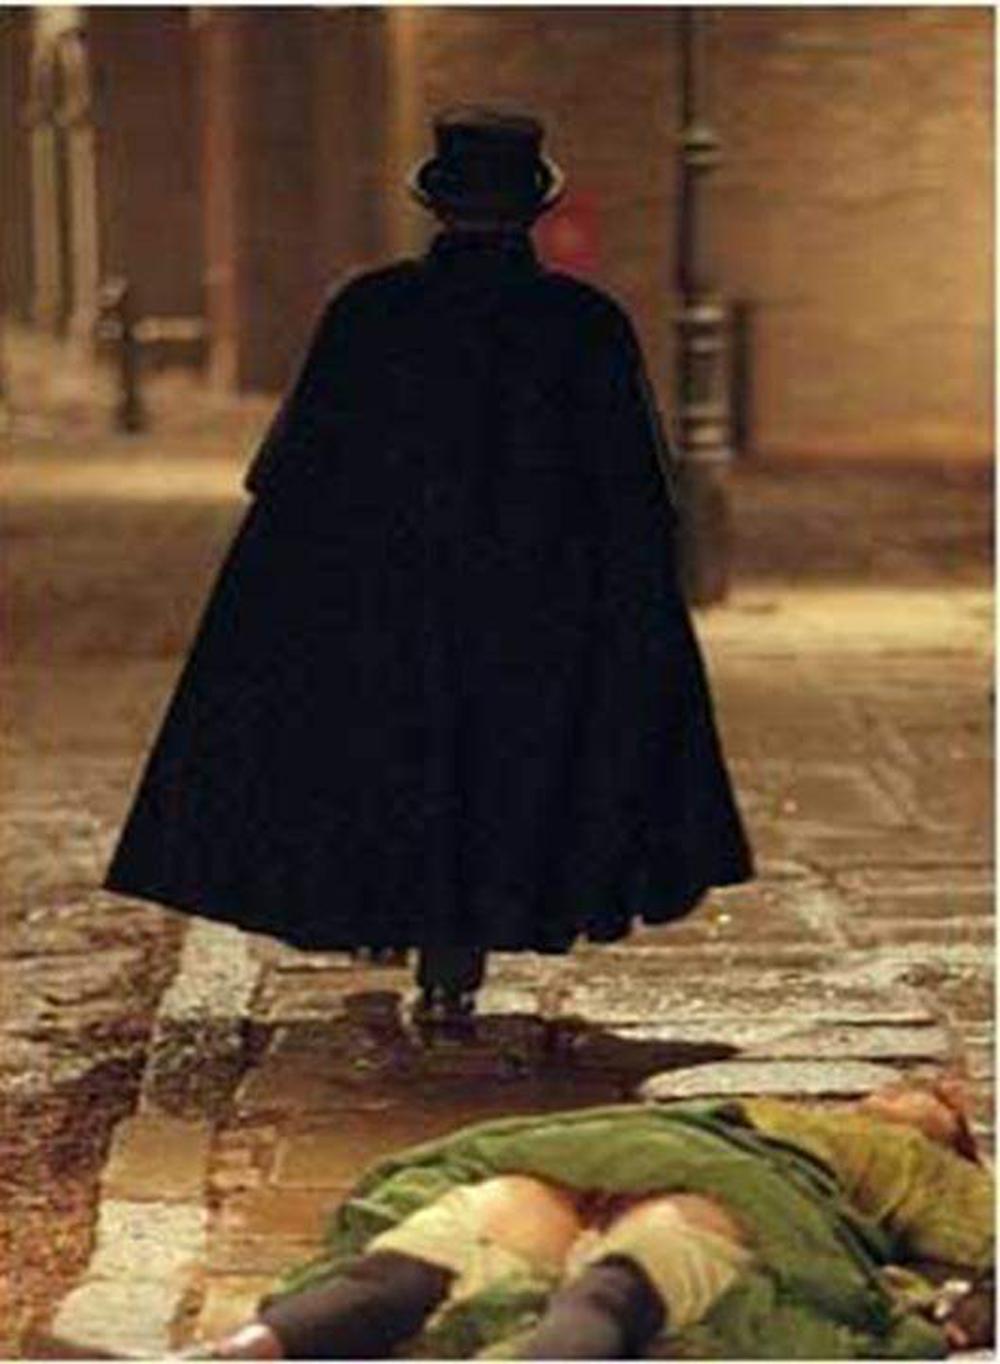 Un investigador sostiene que Jack el Destripador eran varios asesinos